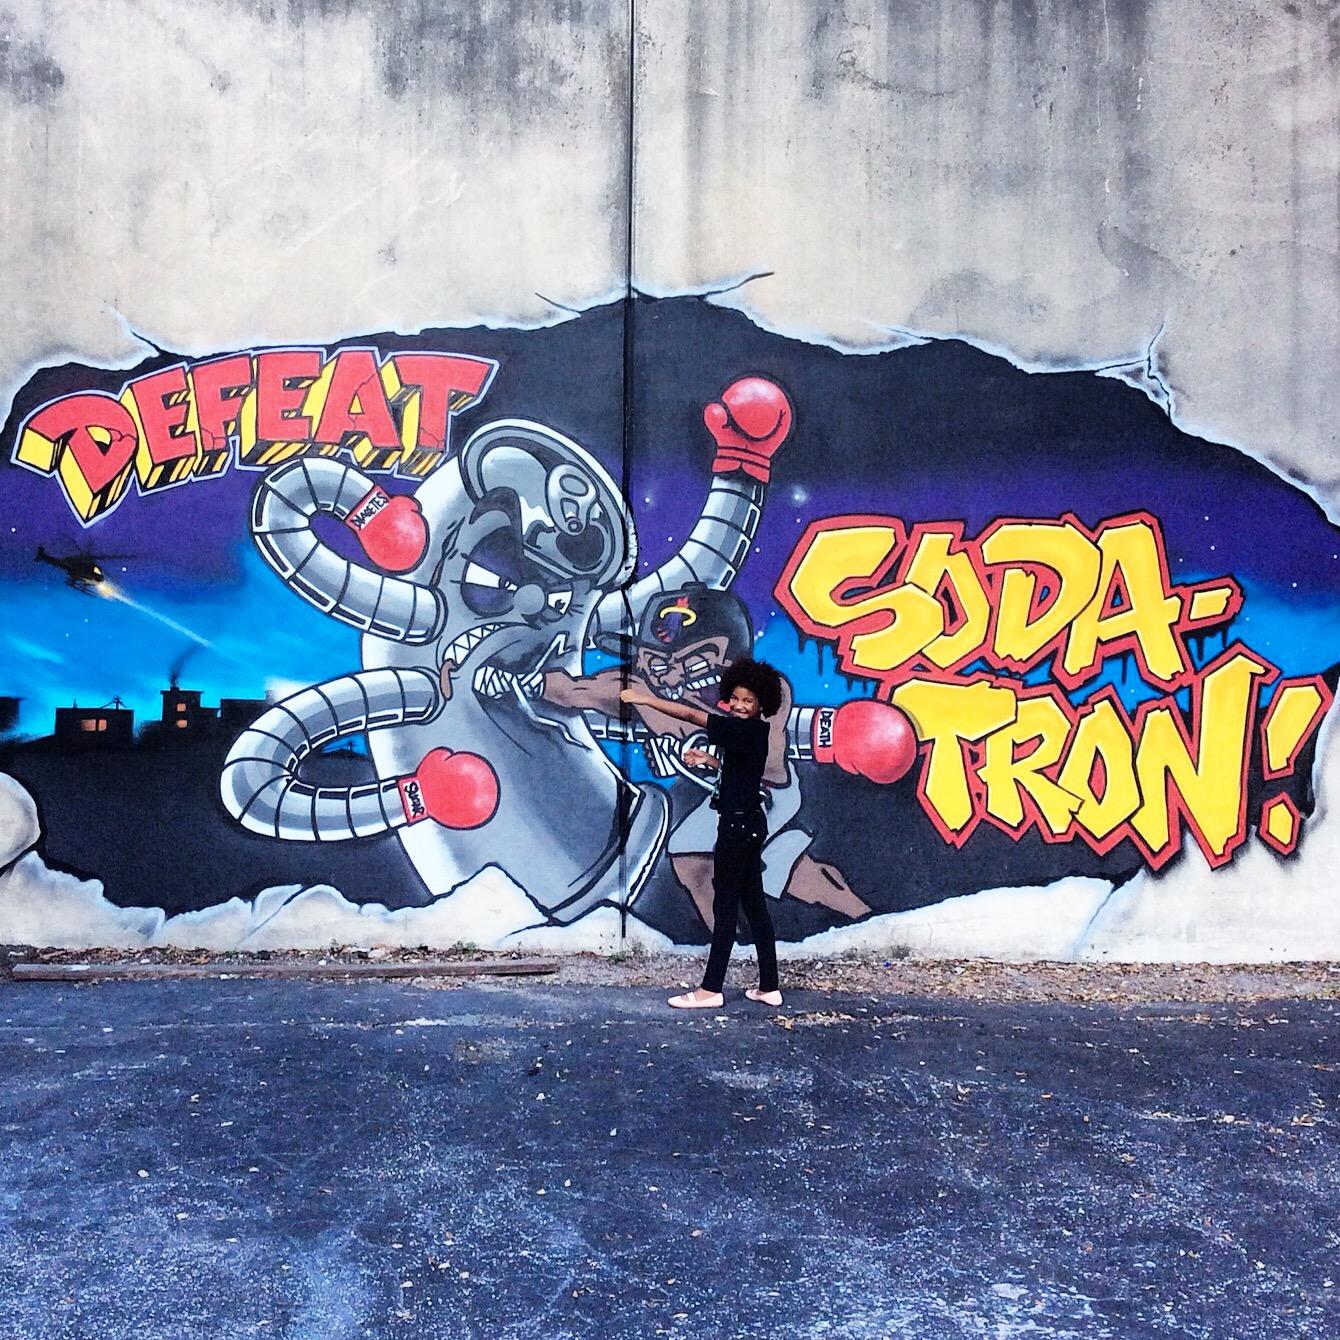 #DEFEATSODATRON Mural #miami